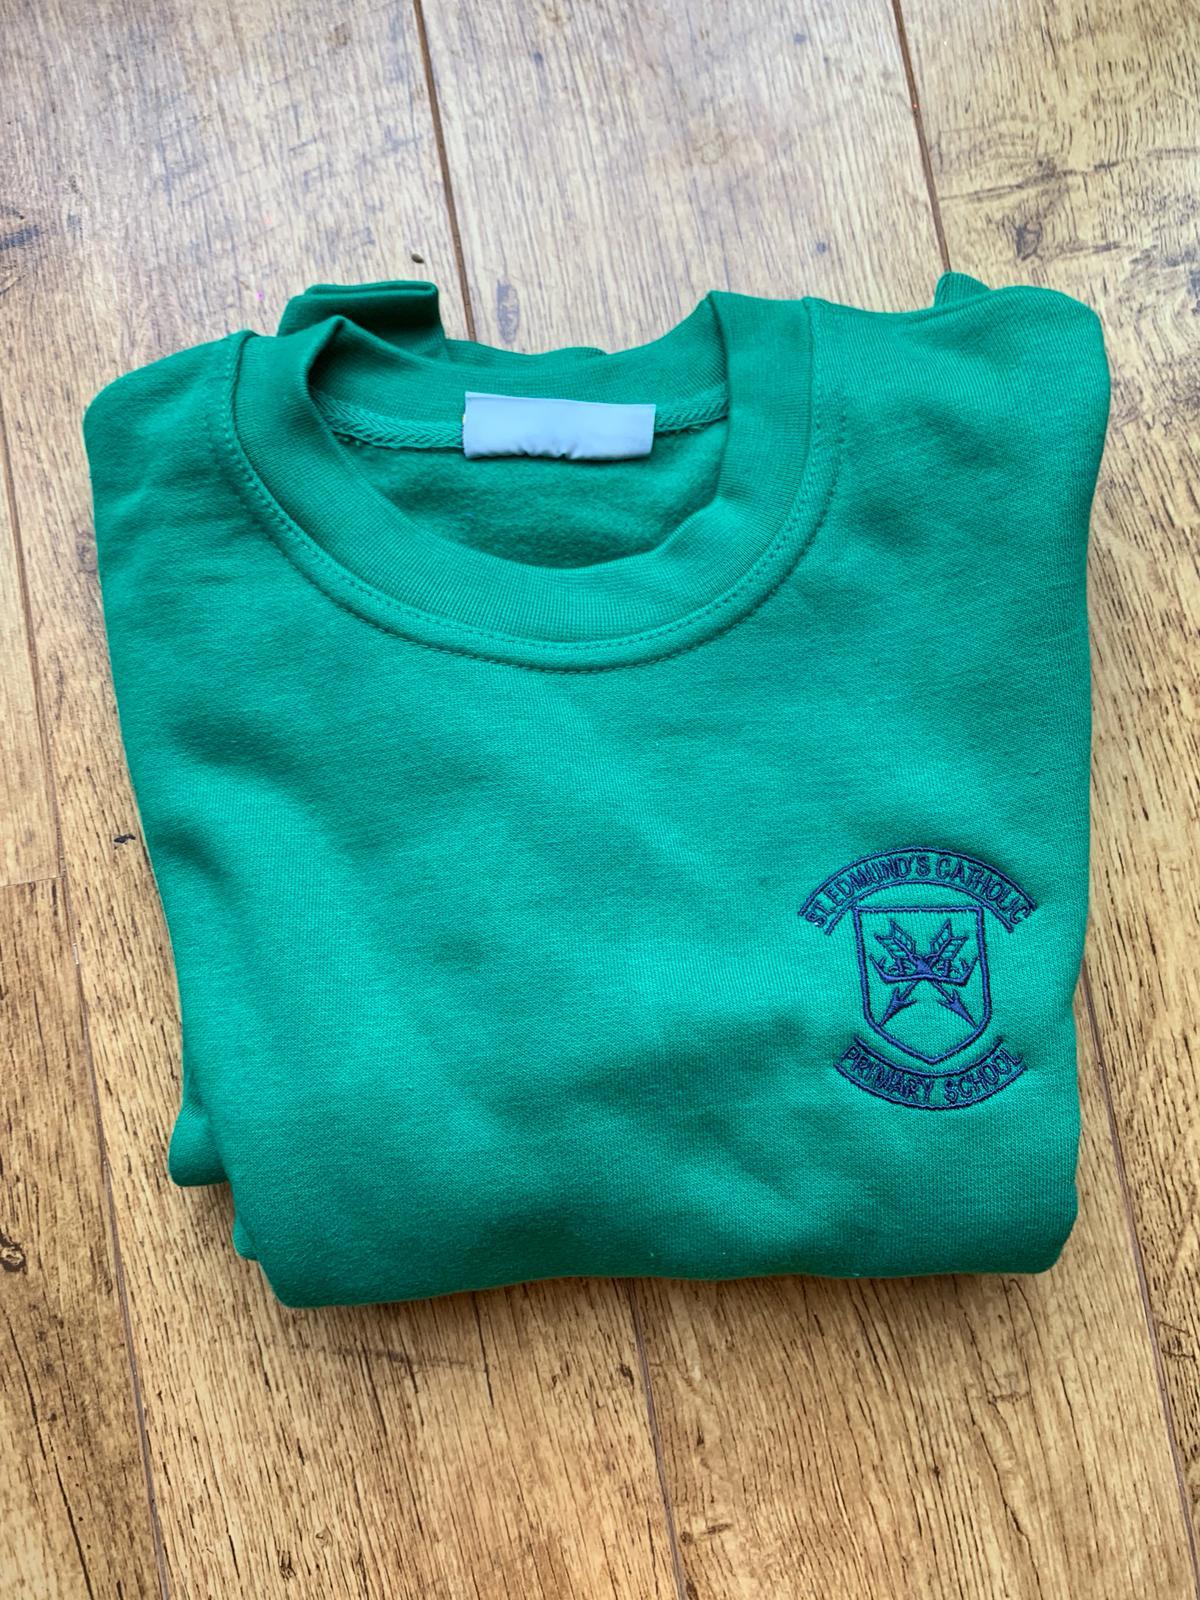 St Ed's PE jumper